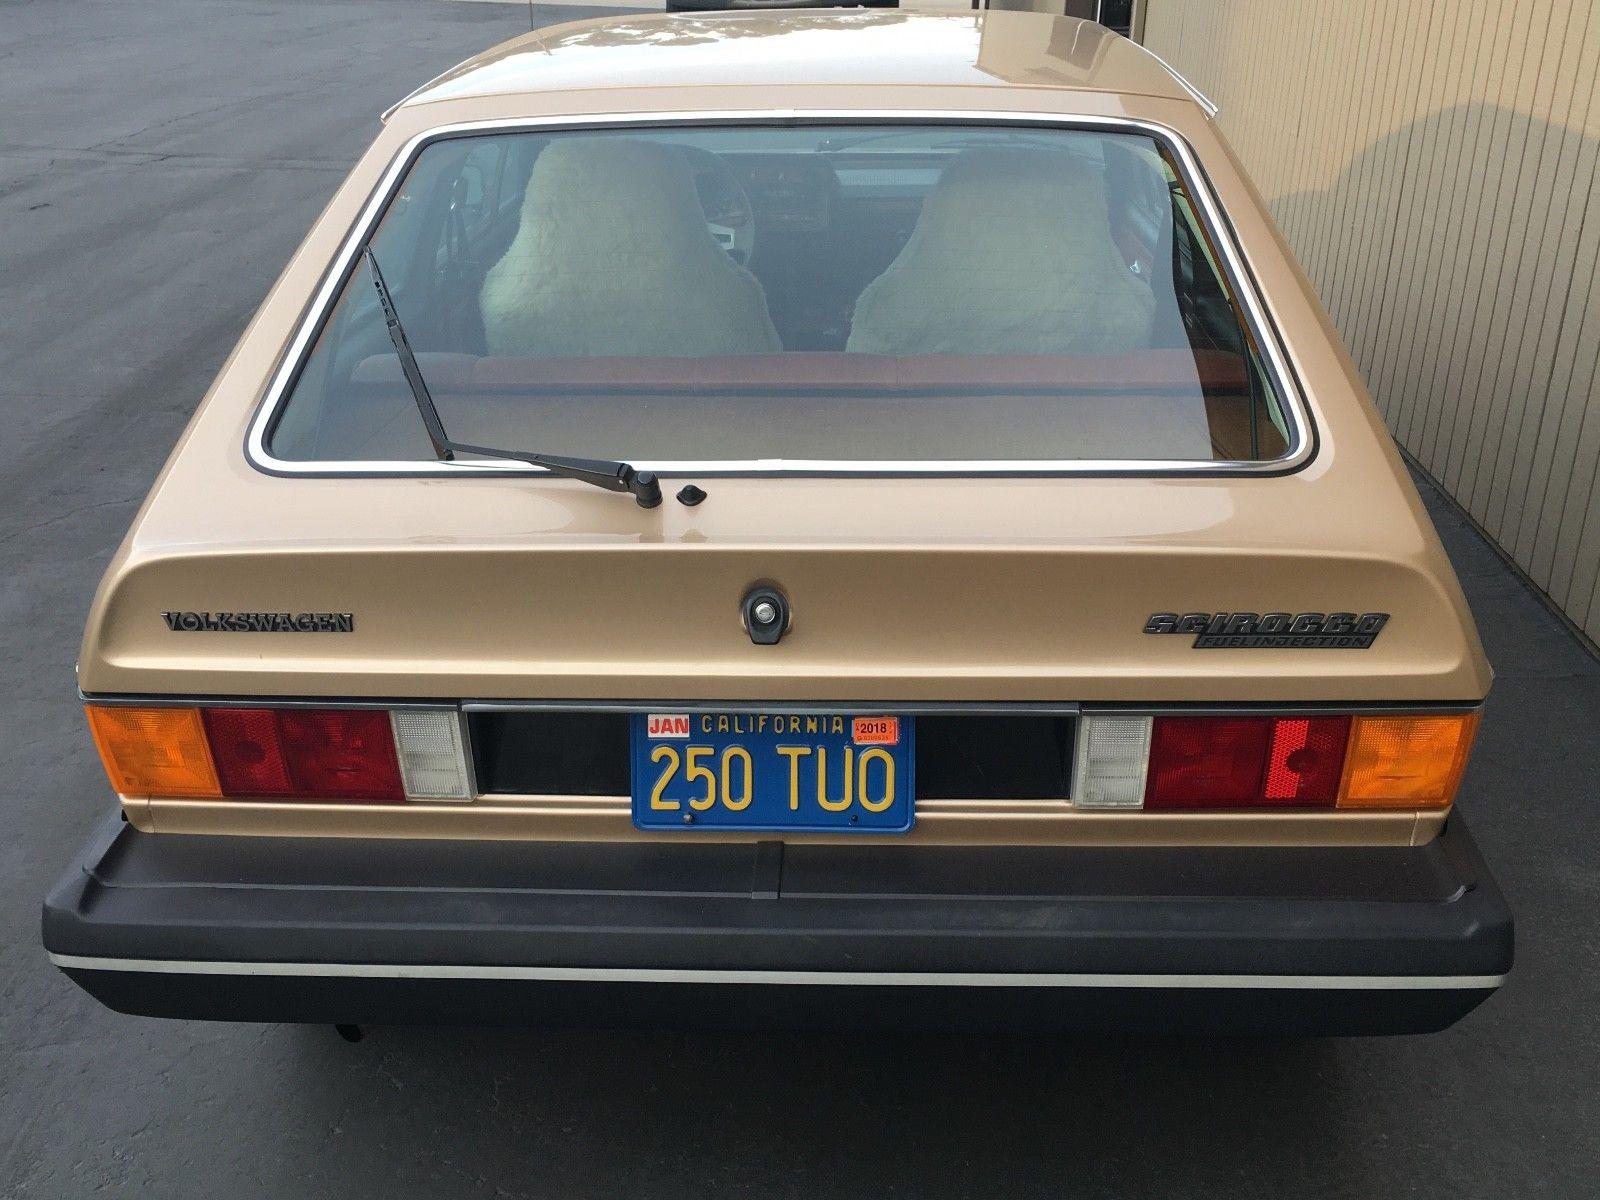 1978 Volkswagen Scirocco rear